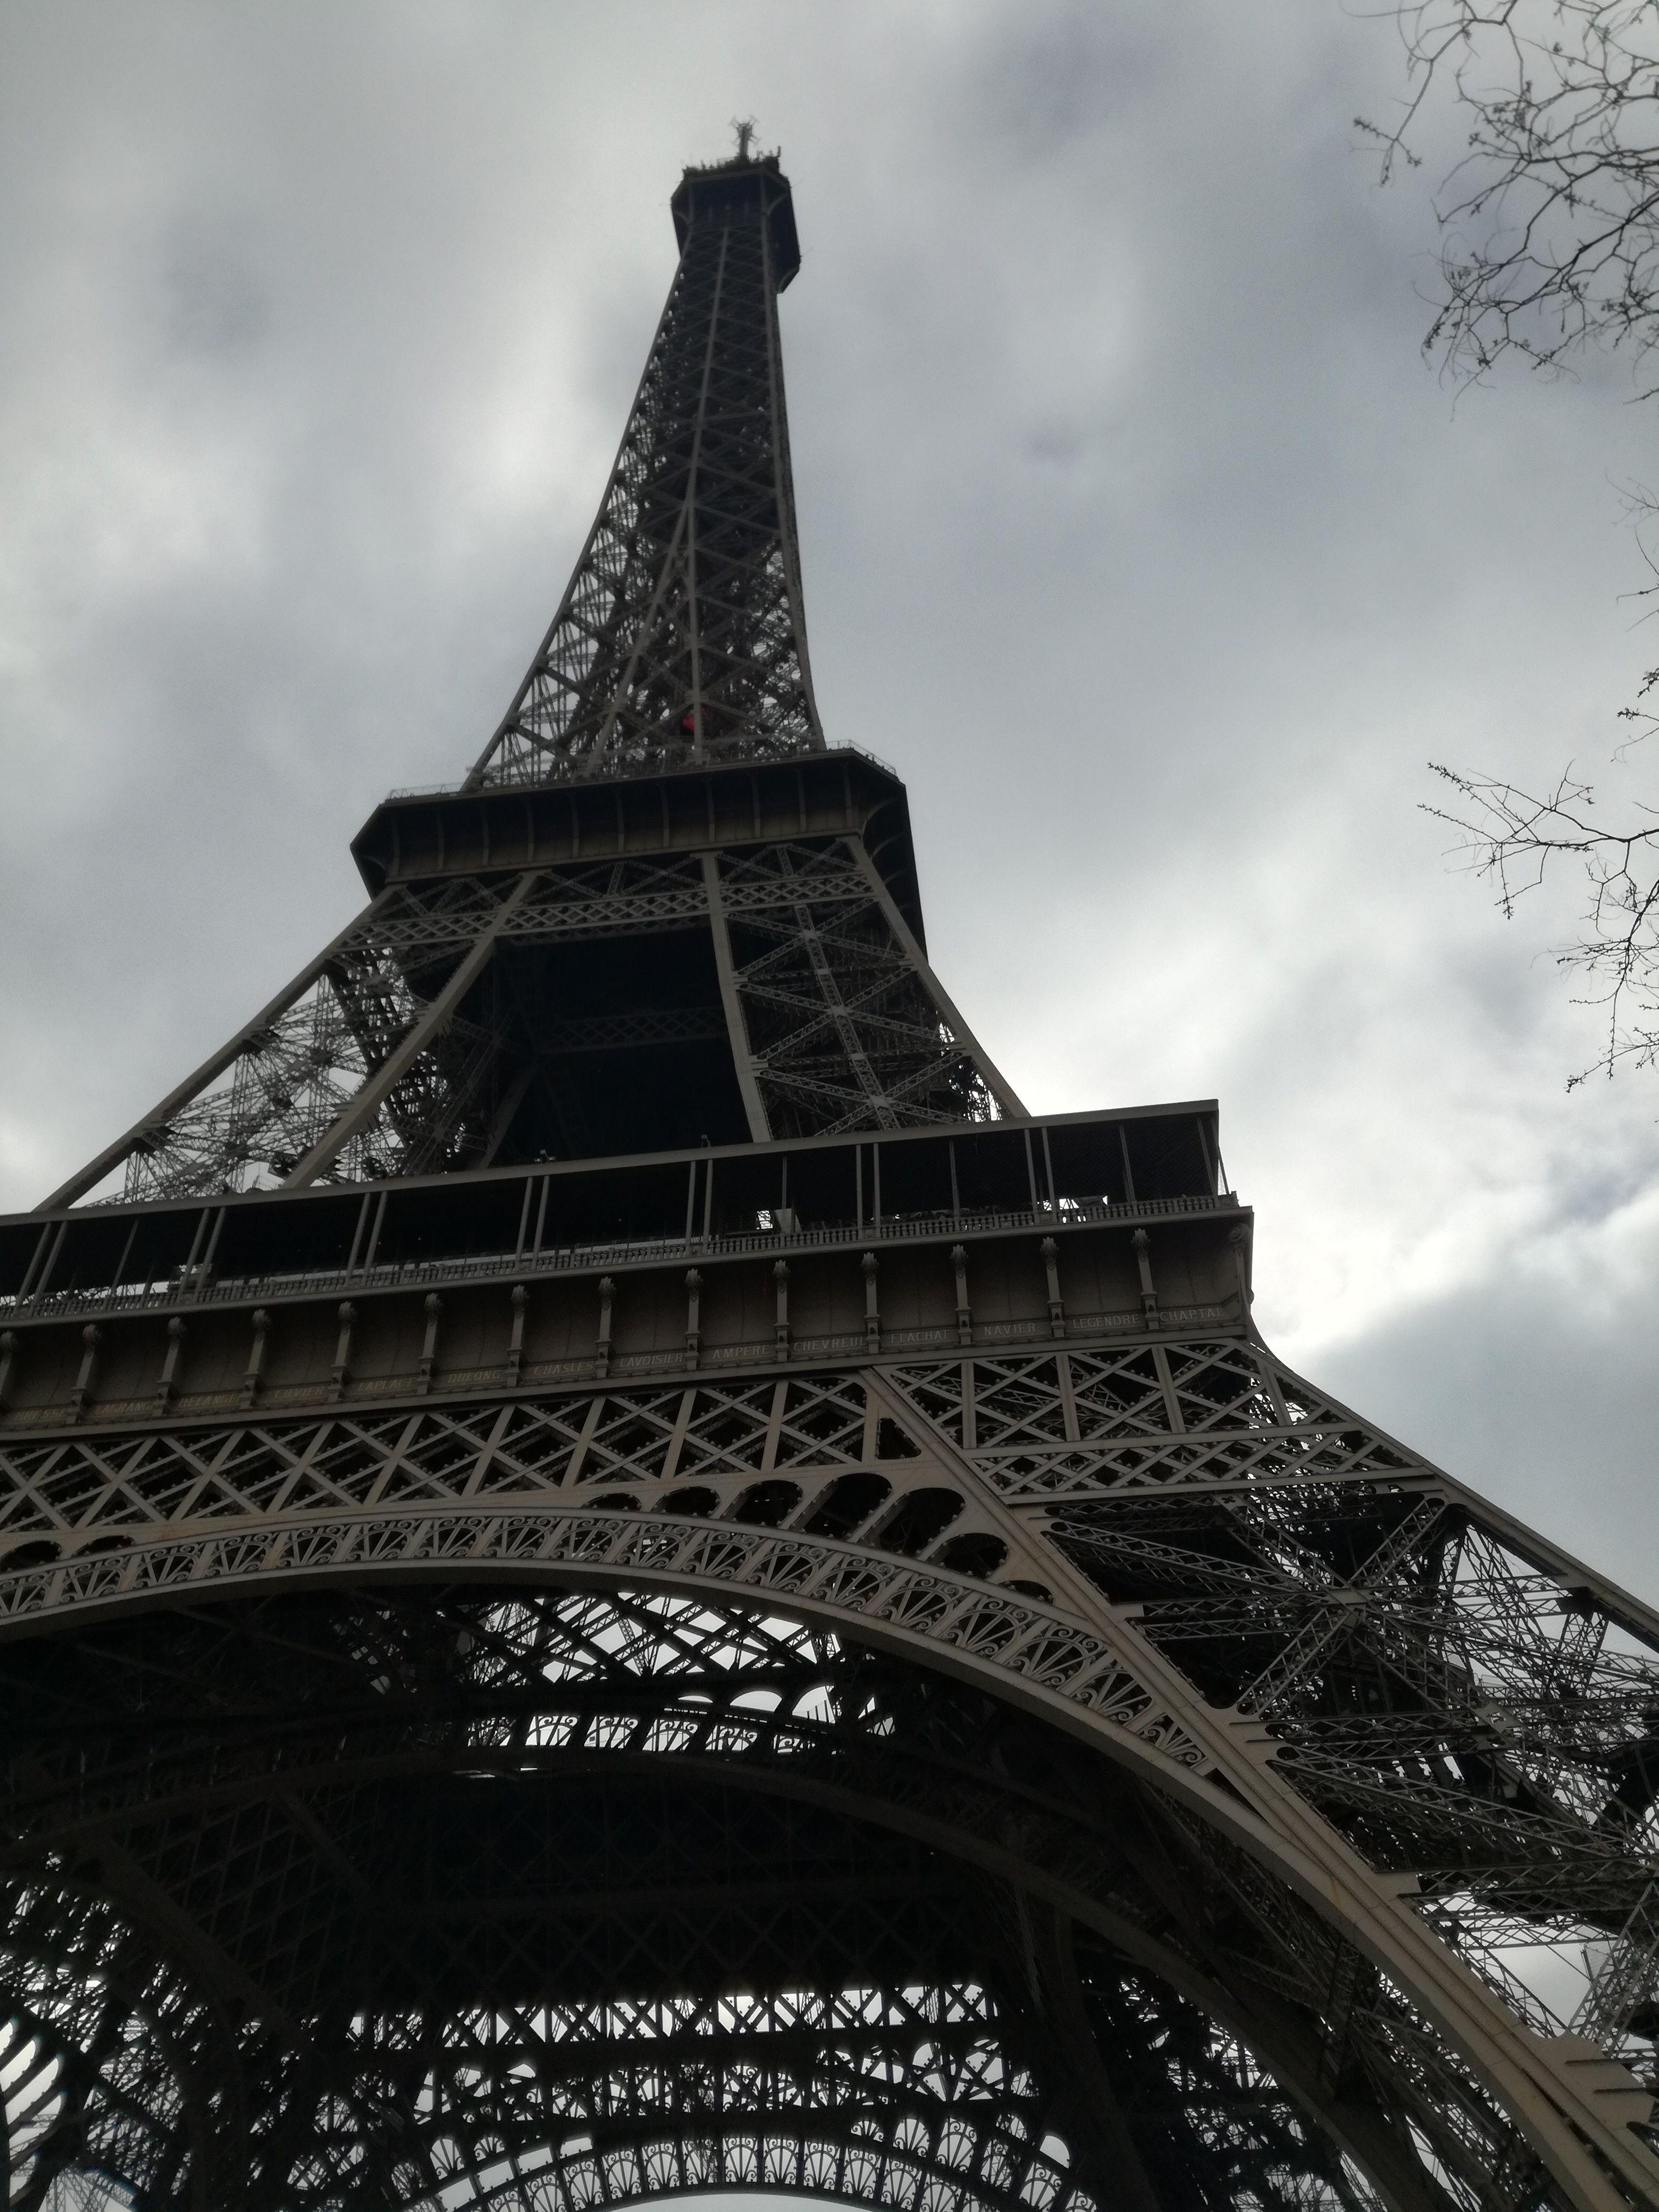 Der Eiffelturm Ist Ein 324 Meter Hoher Eisenfachwerkturm In Paris